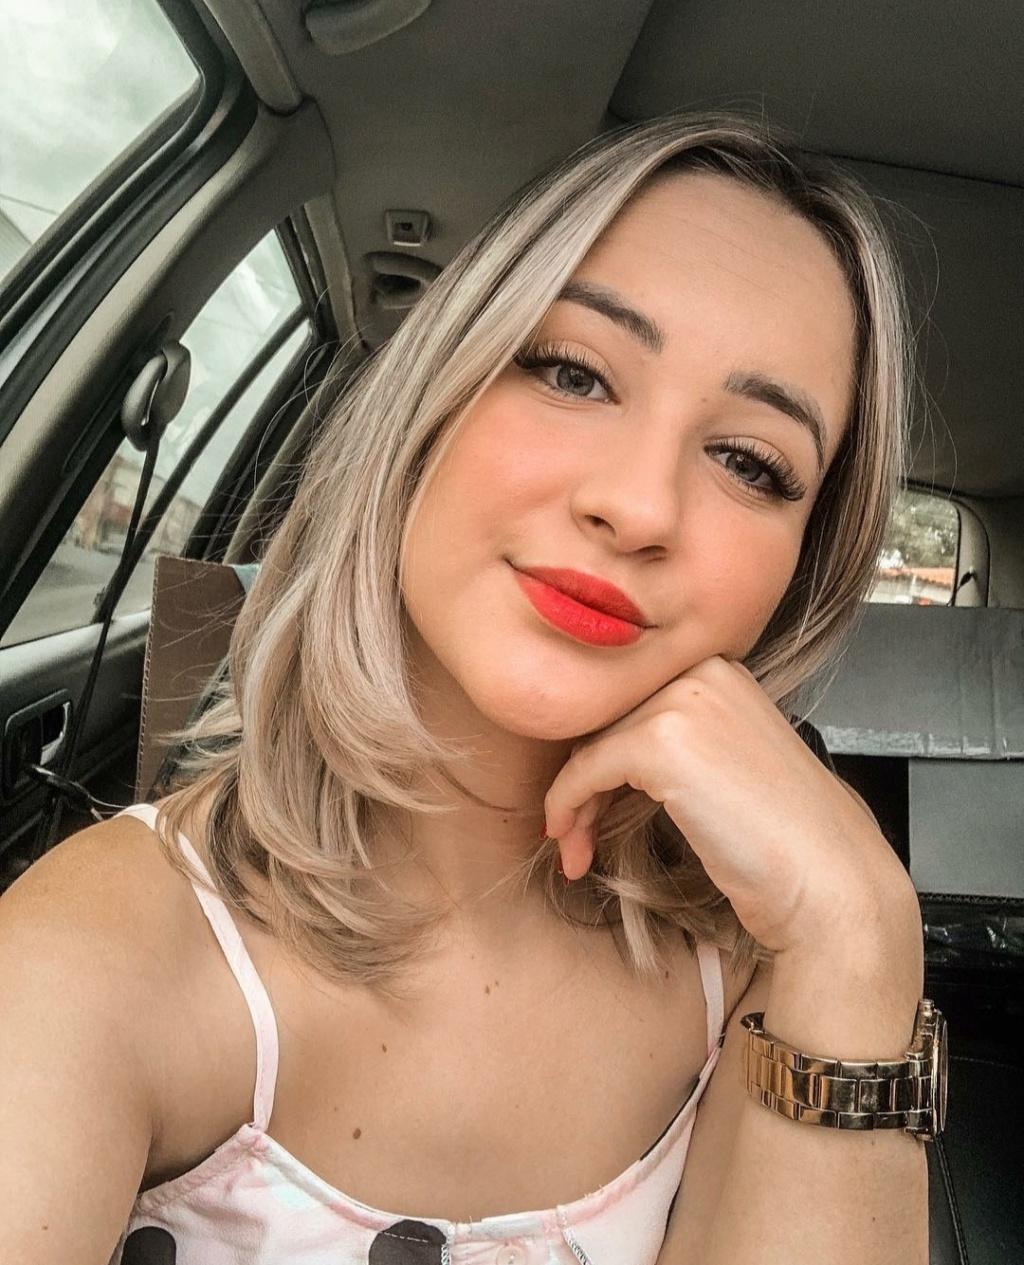 DEBATE sobre belleza, guapura y hermosura (fotos de chicas latinas, mestizas, y de todo) - VOL II - Página 9 Img_1310